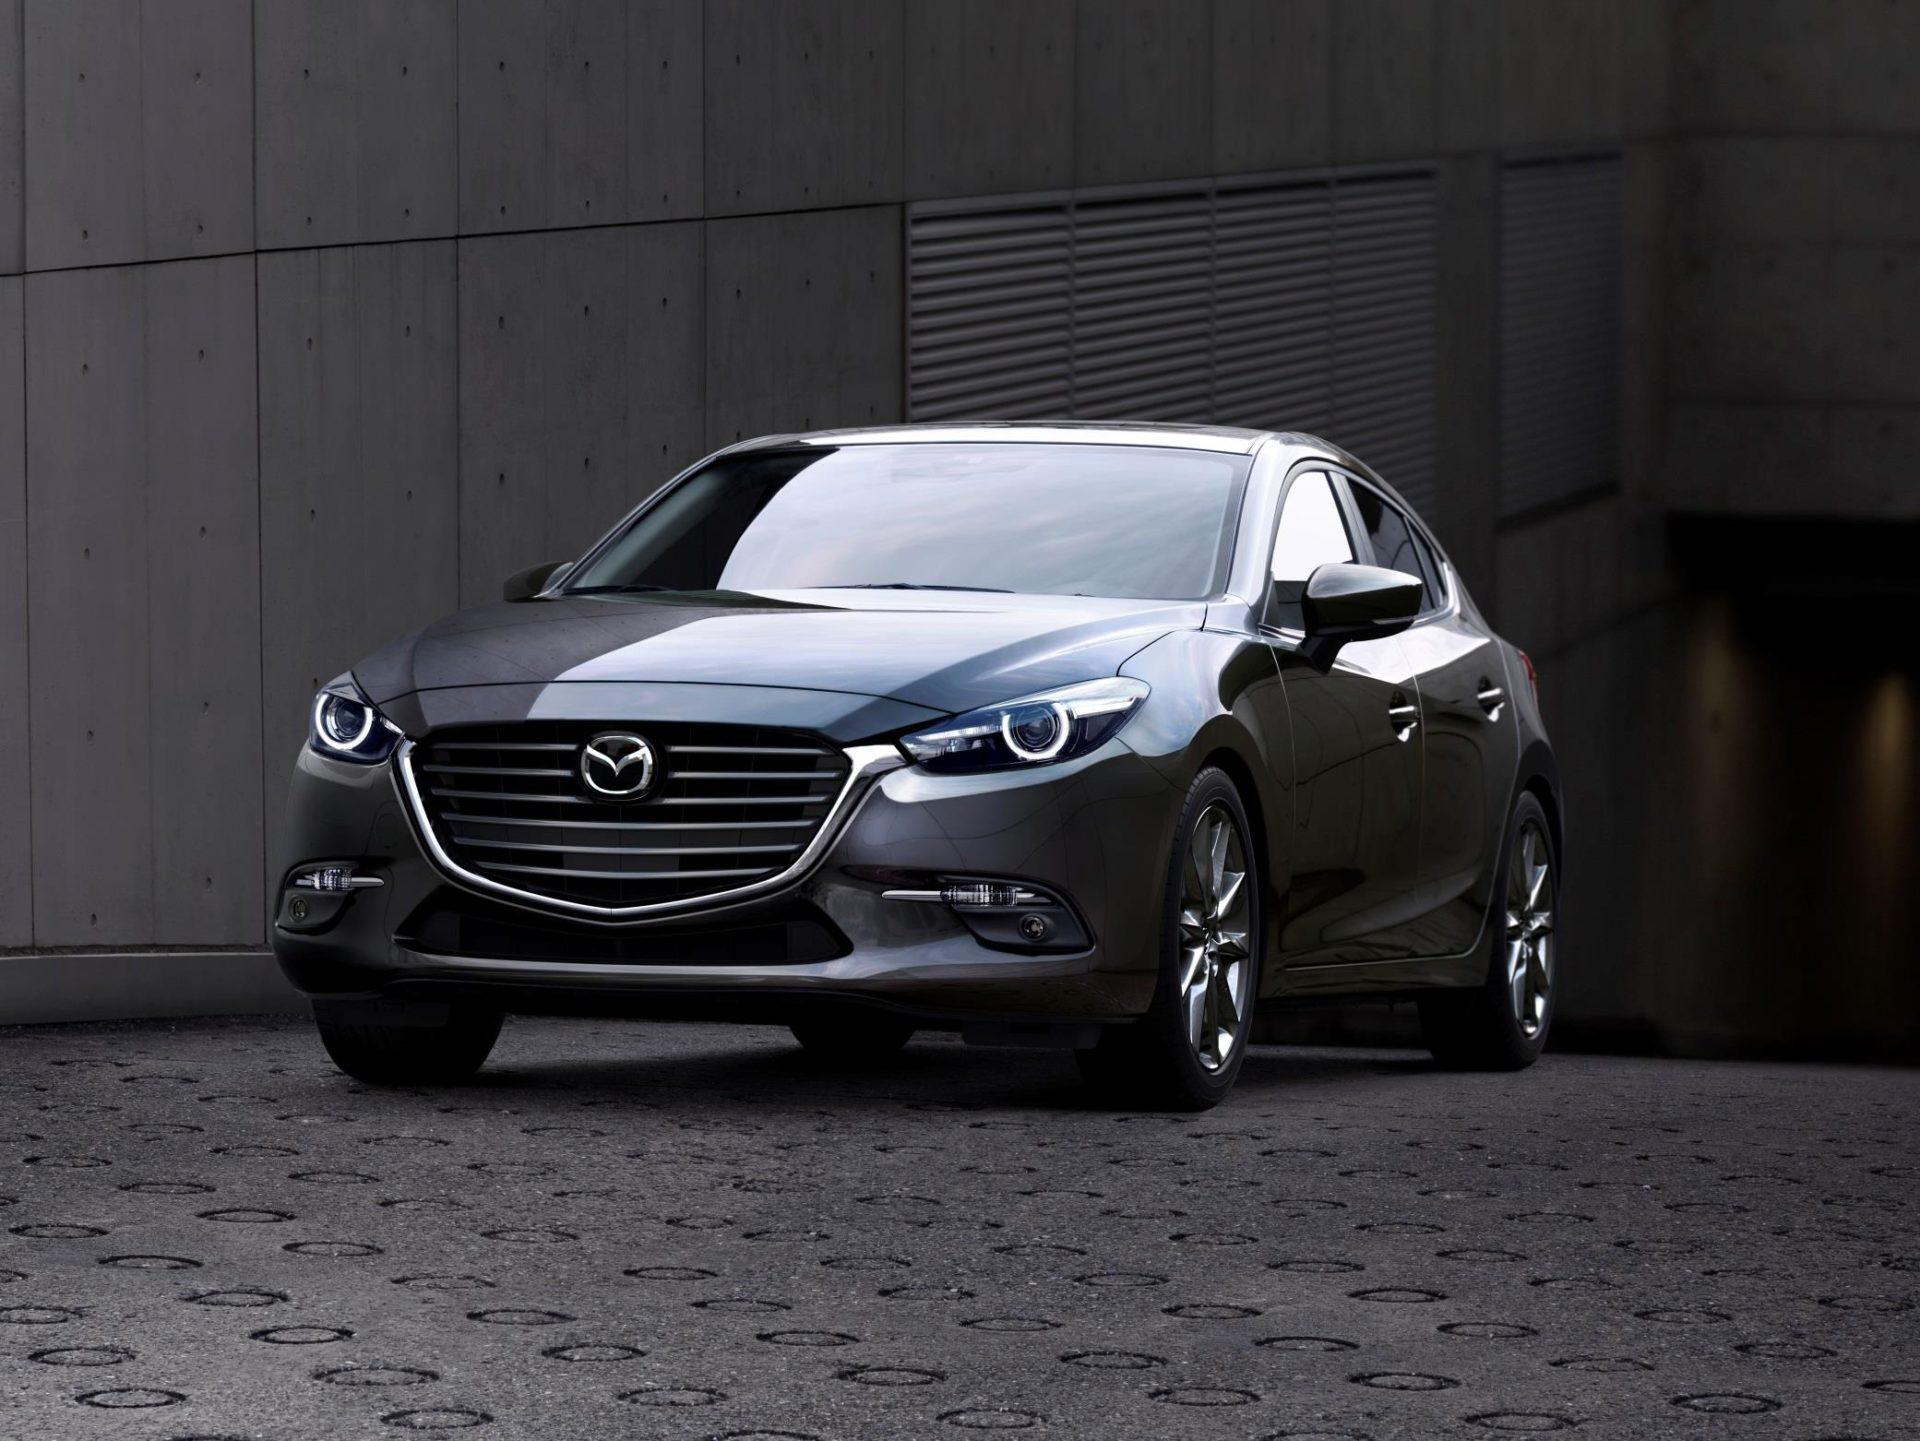 New 2017 Mazda 3 Upgrade Announced